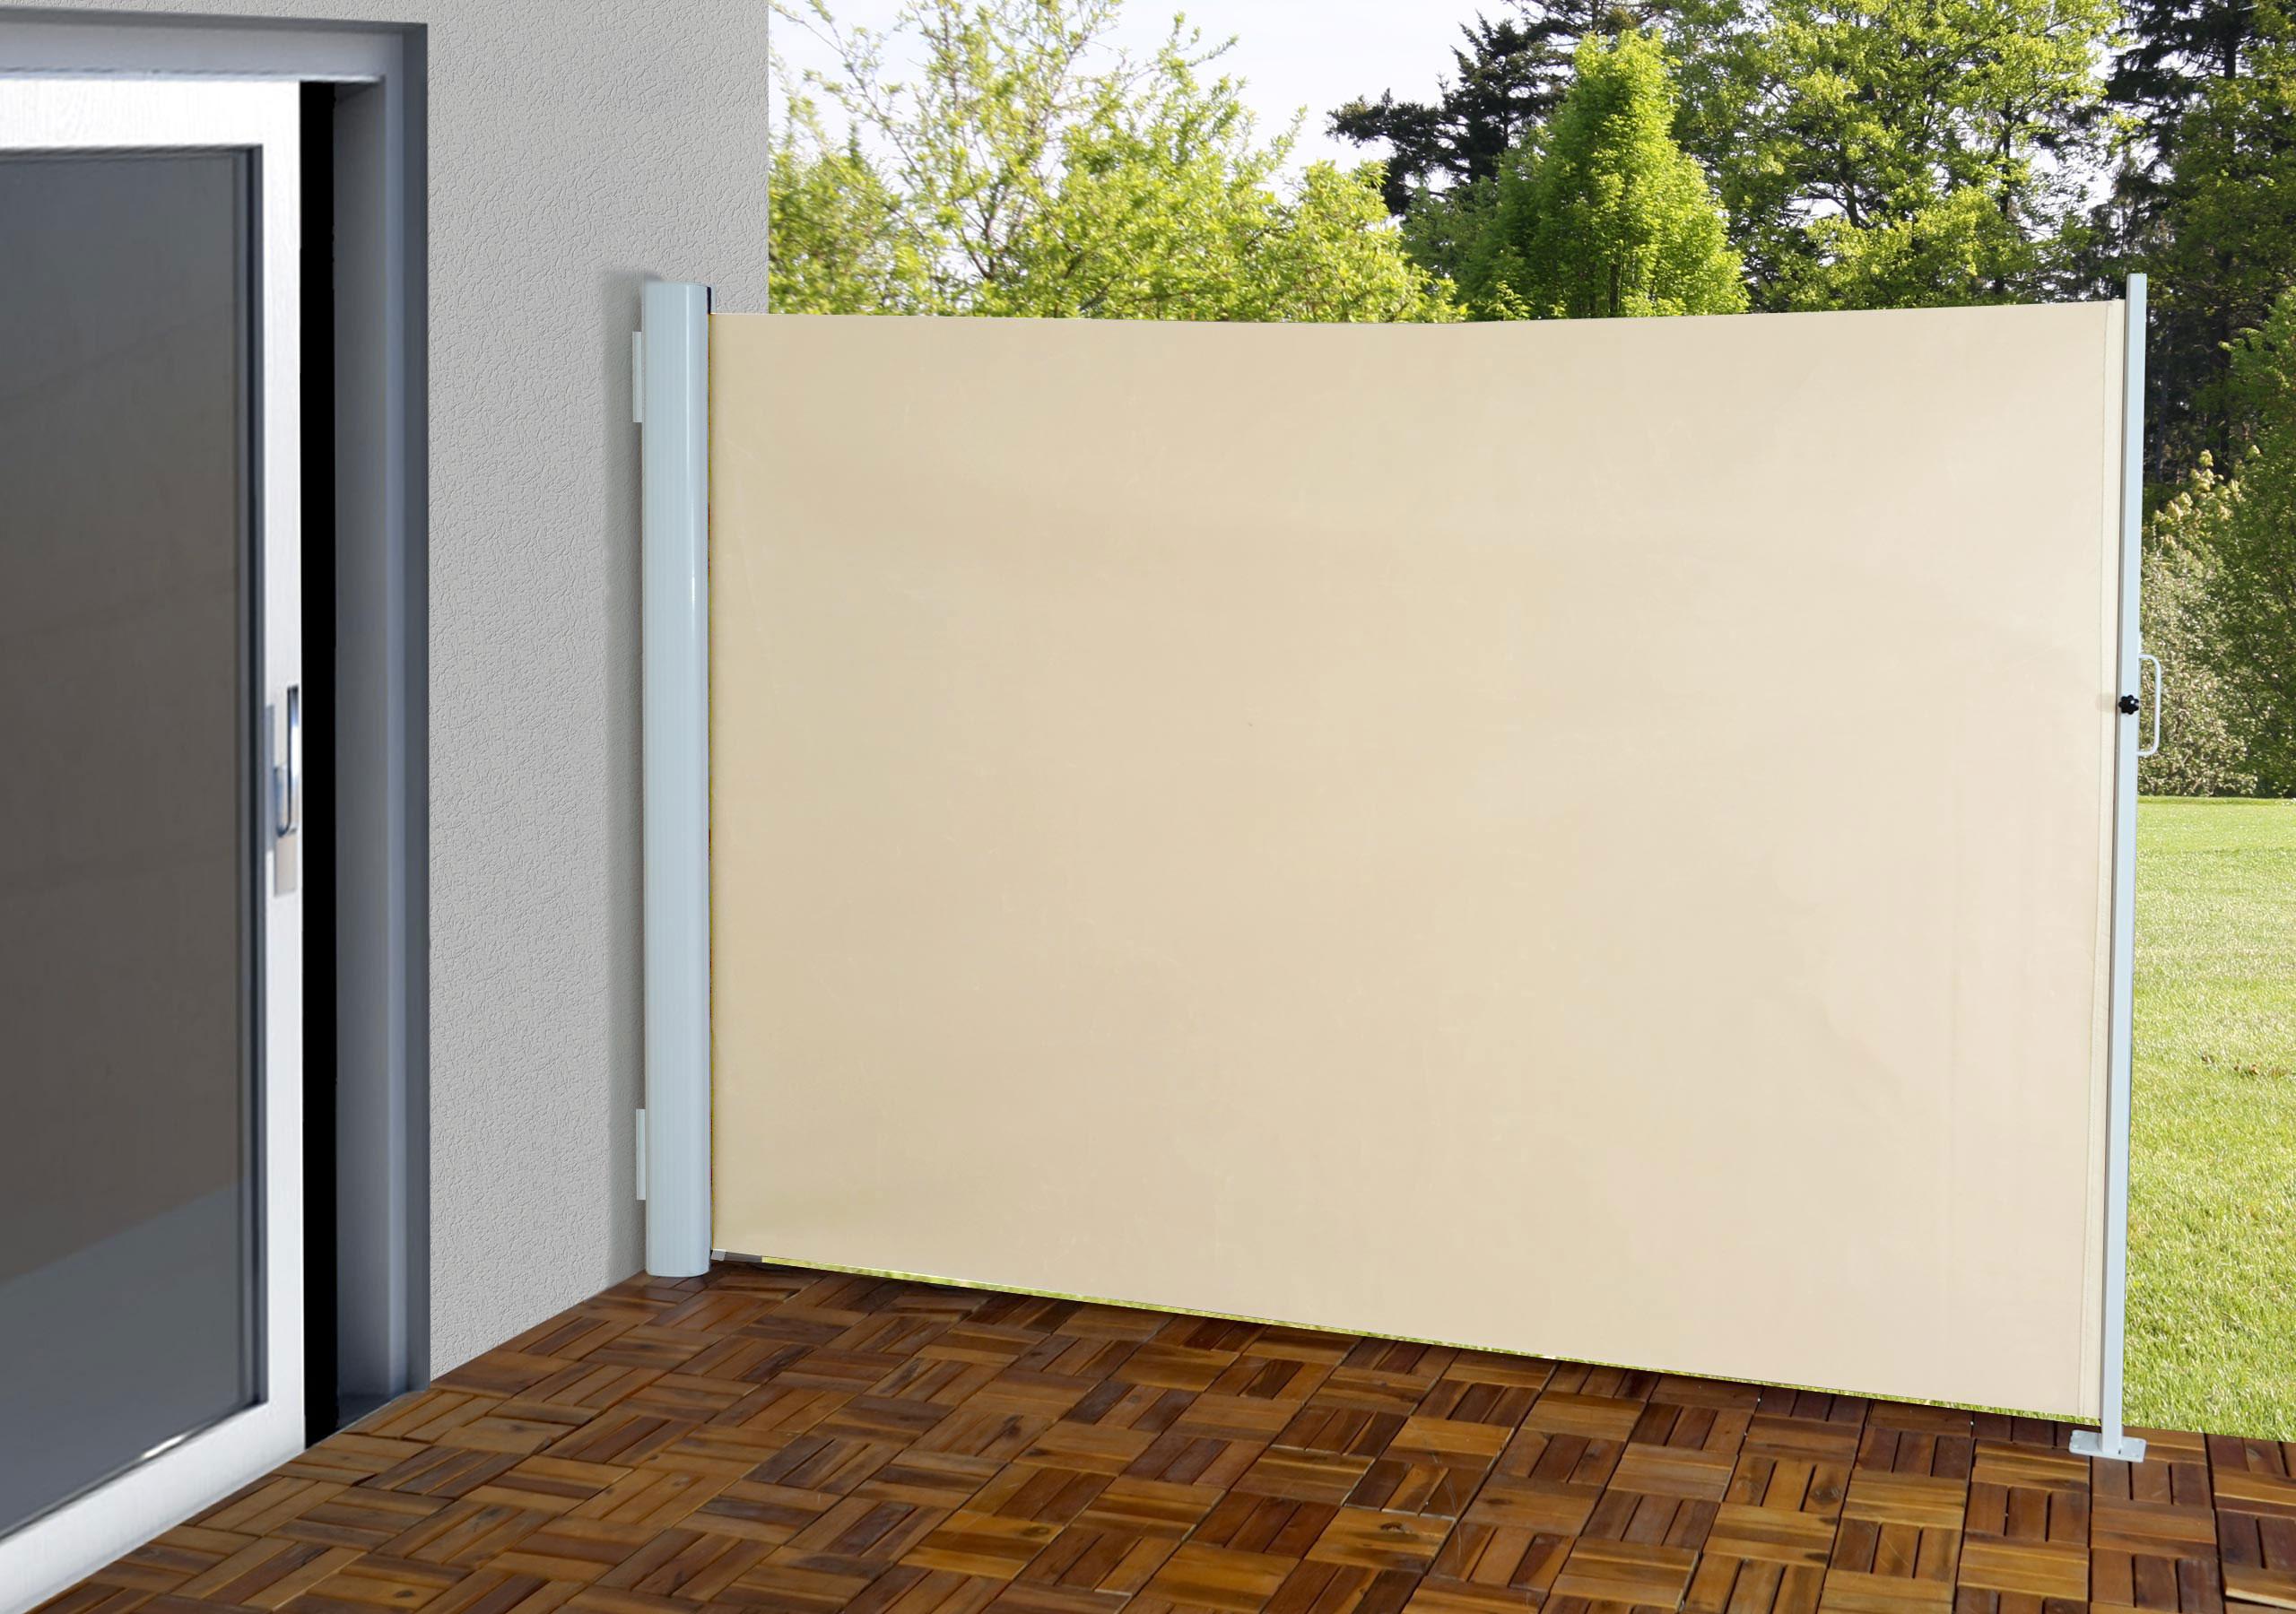 Arredo oggi lo shop online per l 39 arredamento e il design a - Paraventi da esterno ...